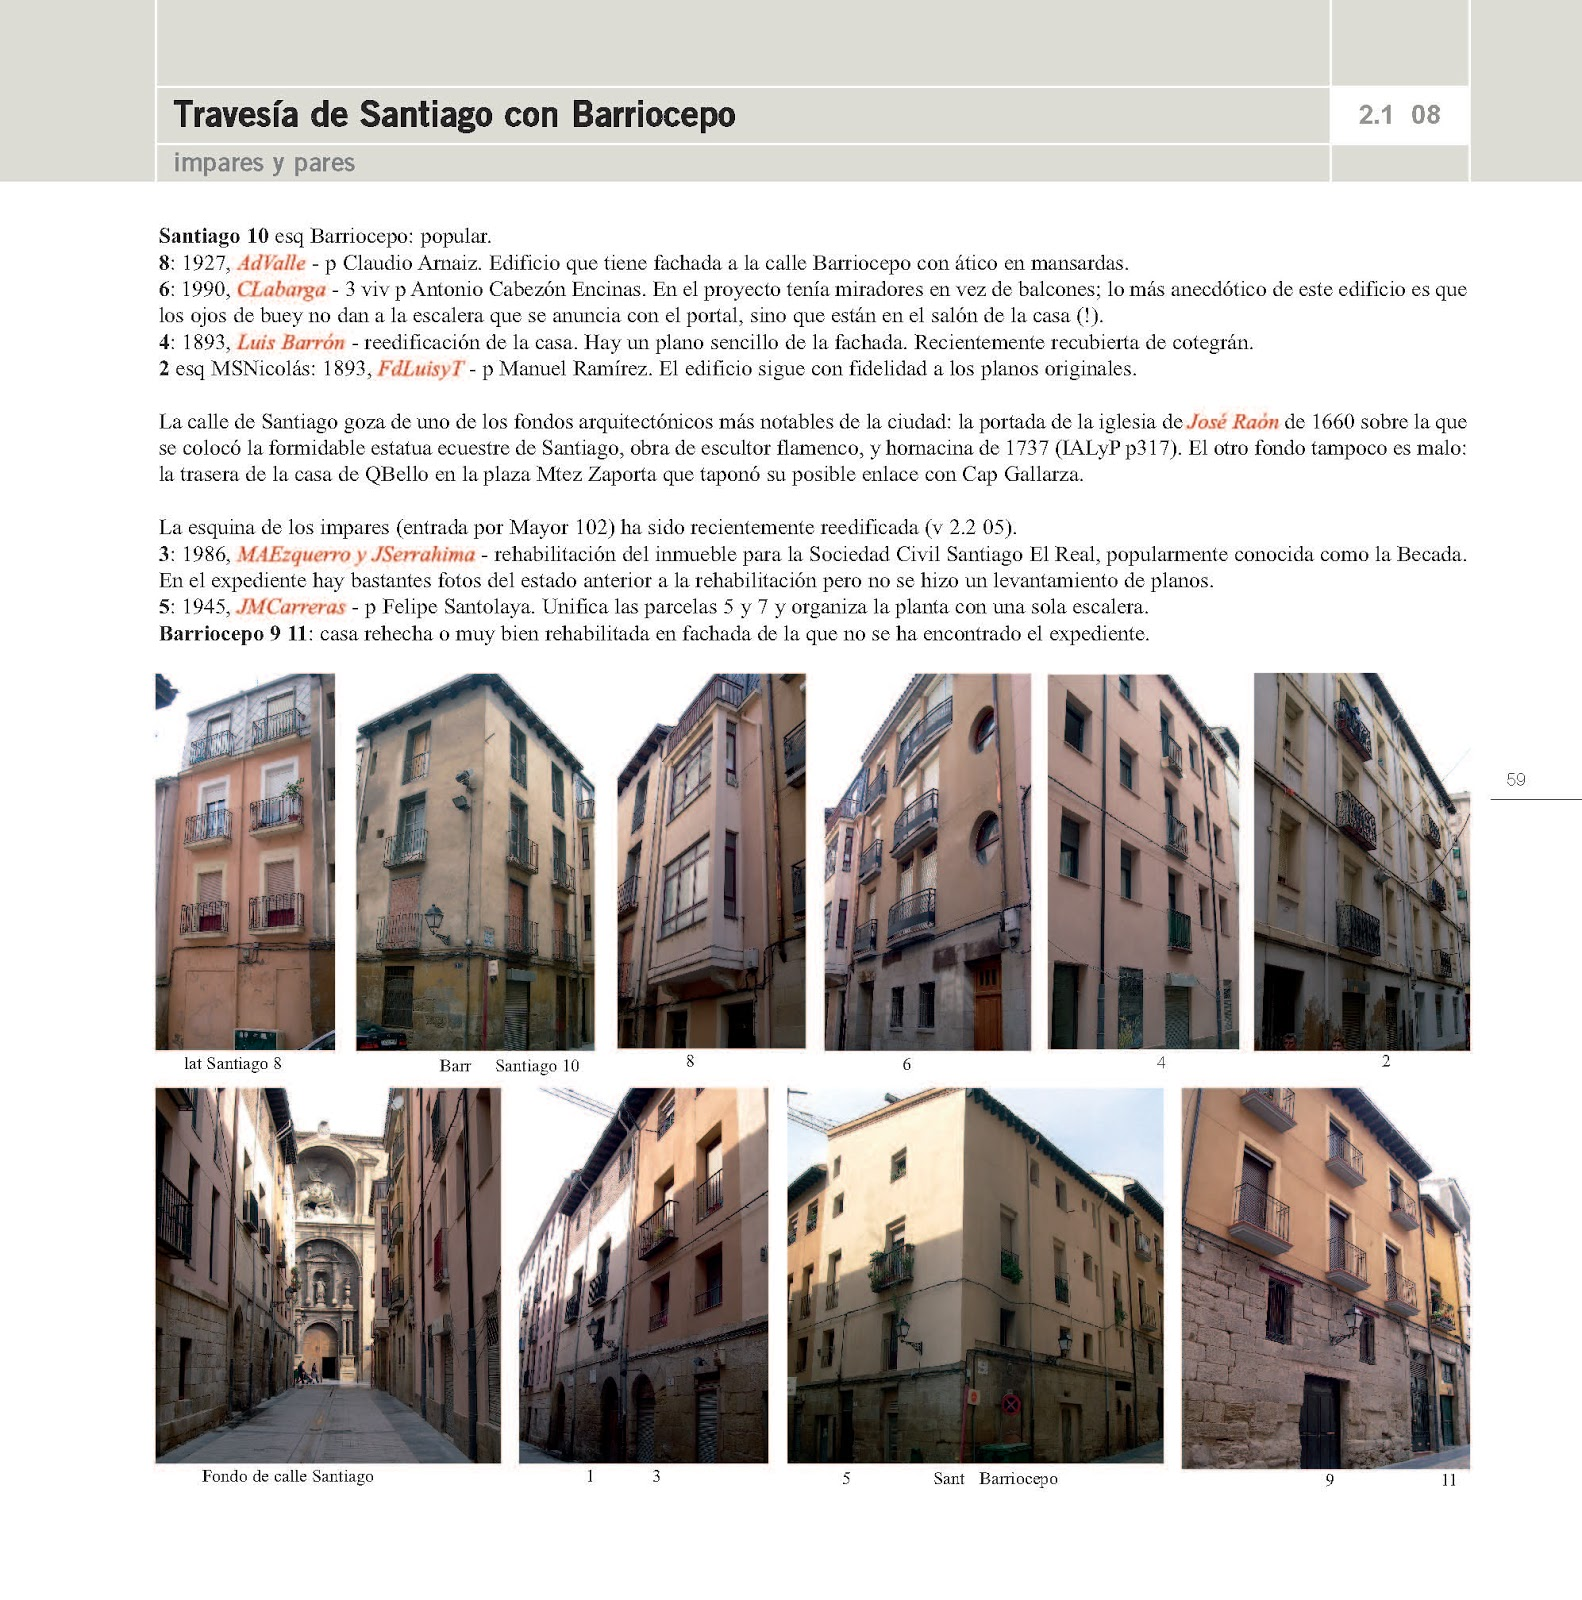 Guia de arquitectura de logro o paginas 2 1 08 travesia for Paginas arquitectura